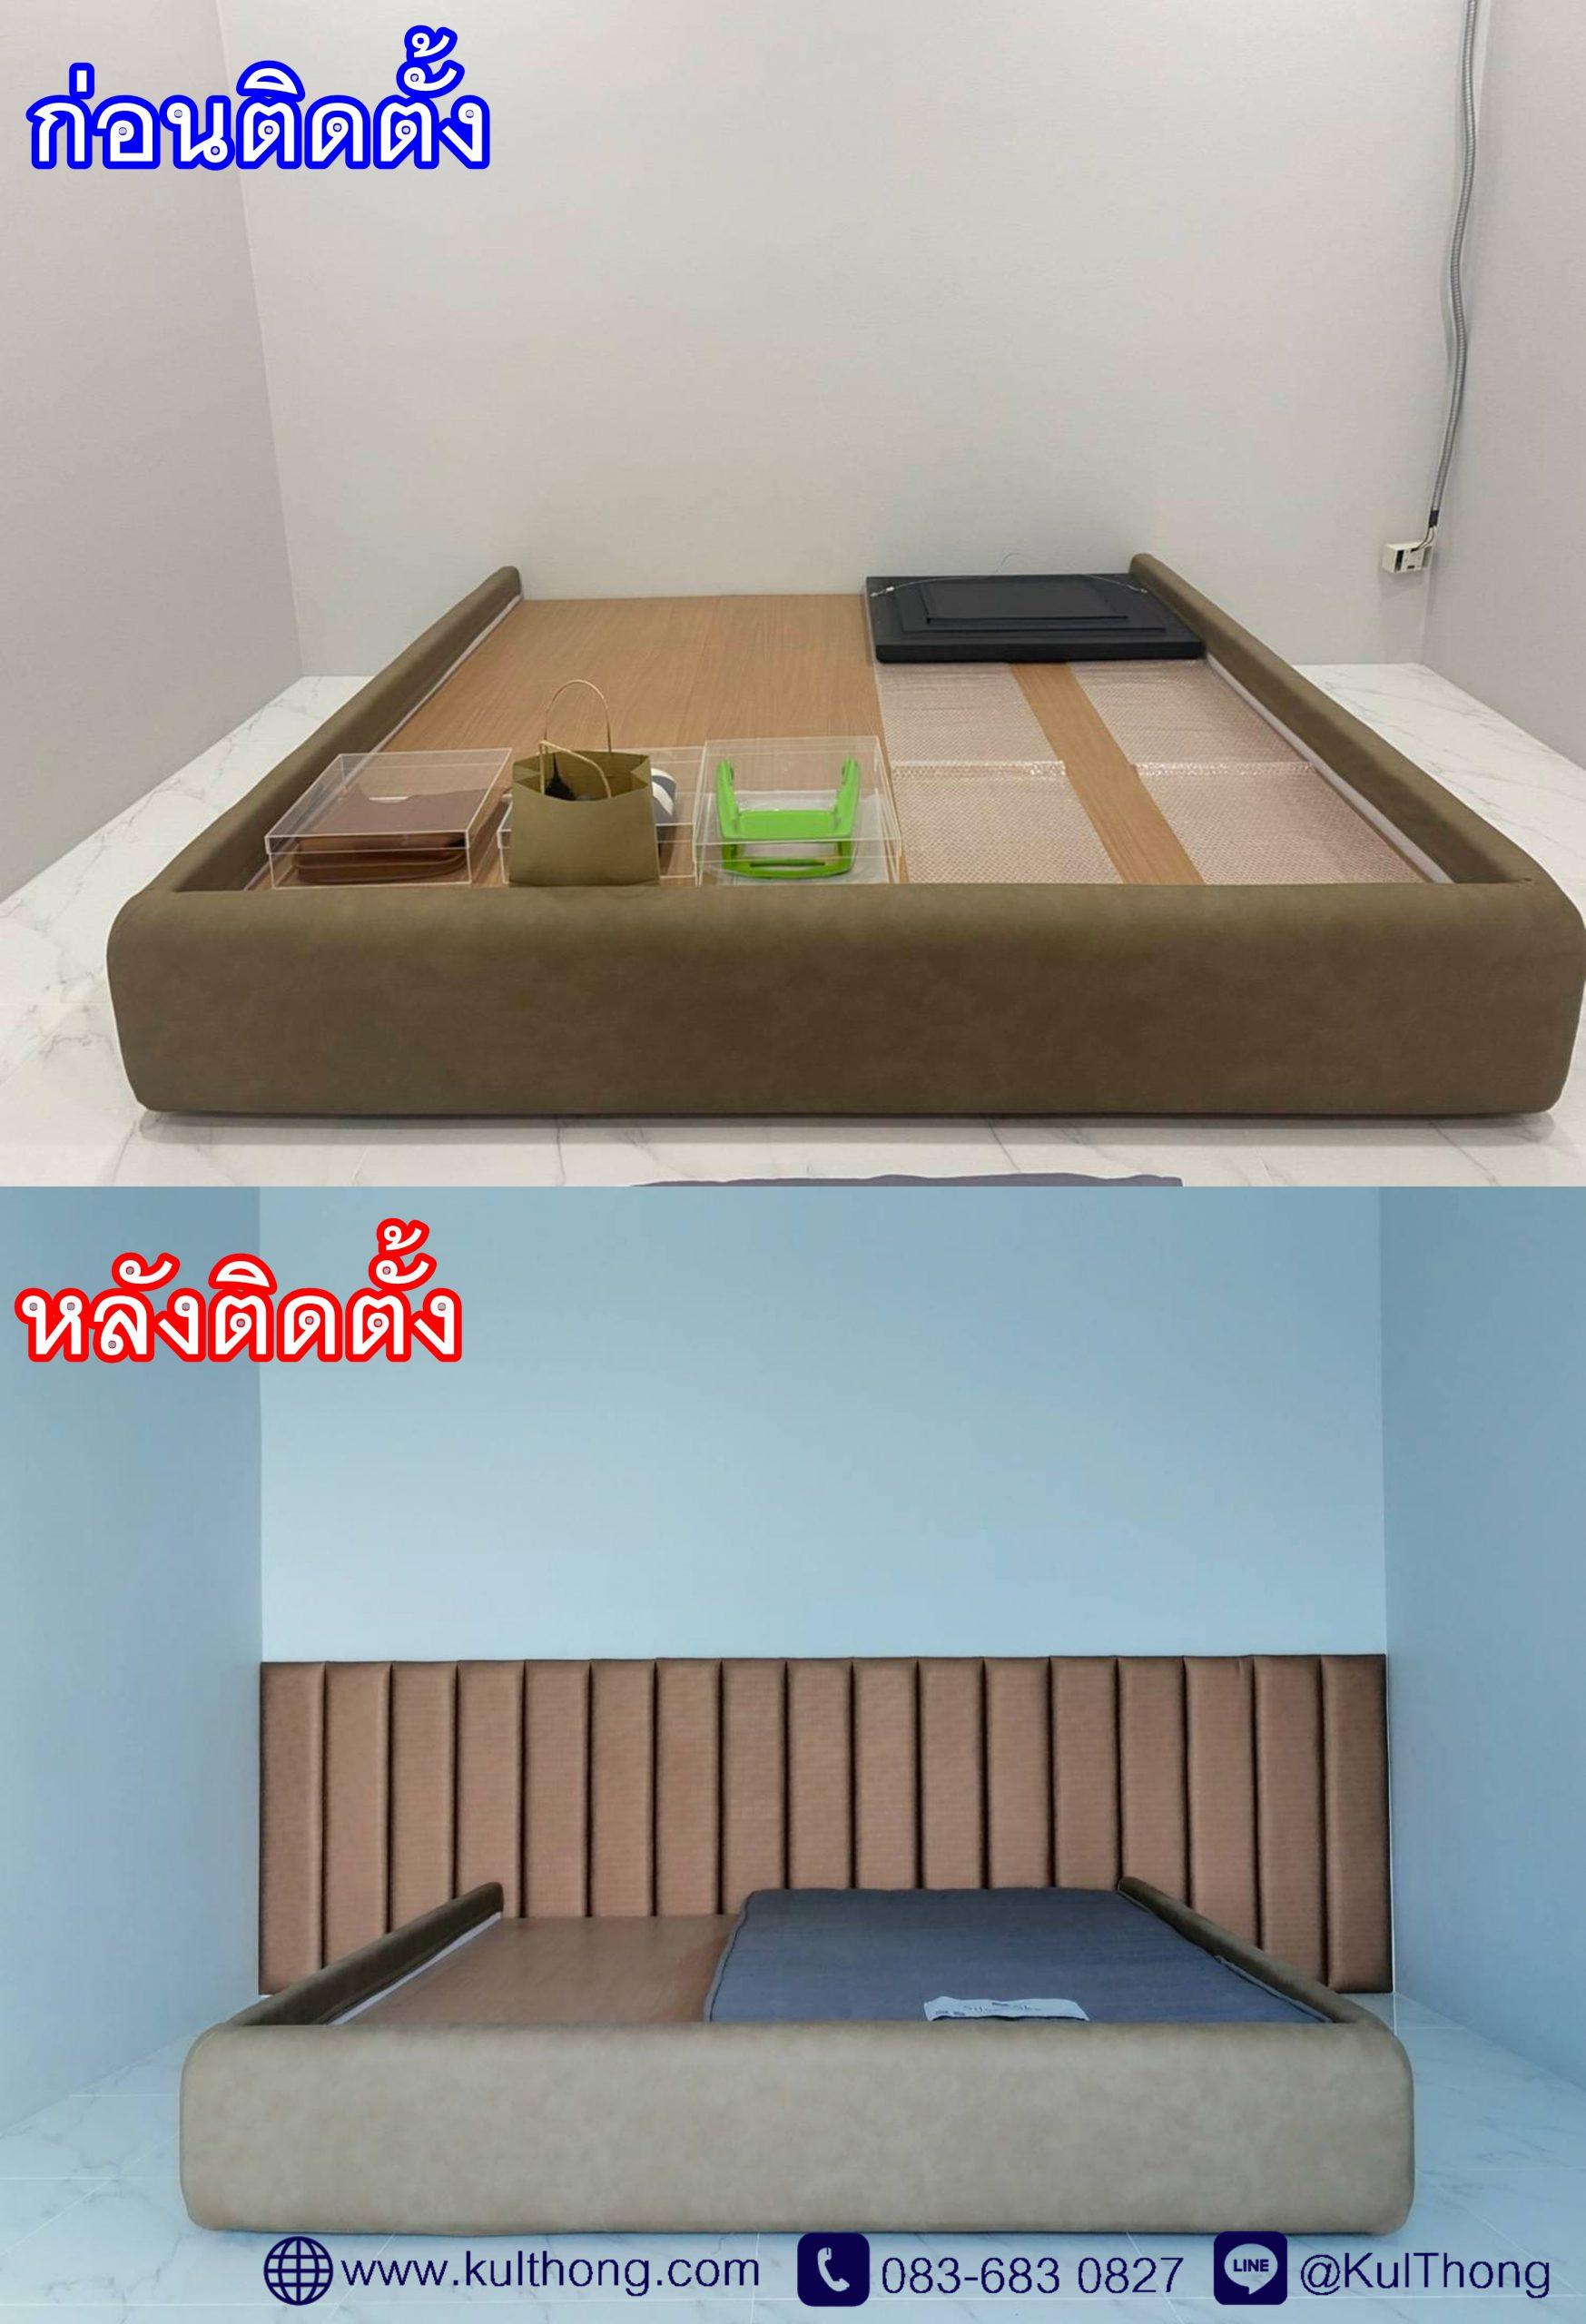 บุผนังหัวเตียง หัวเตียงสำเร็จ หัวเตียงแขวนผนัง